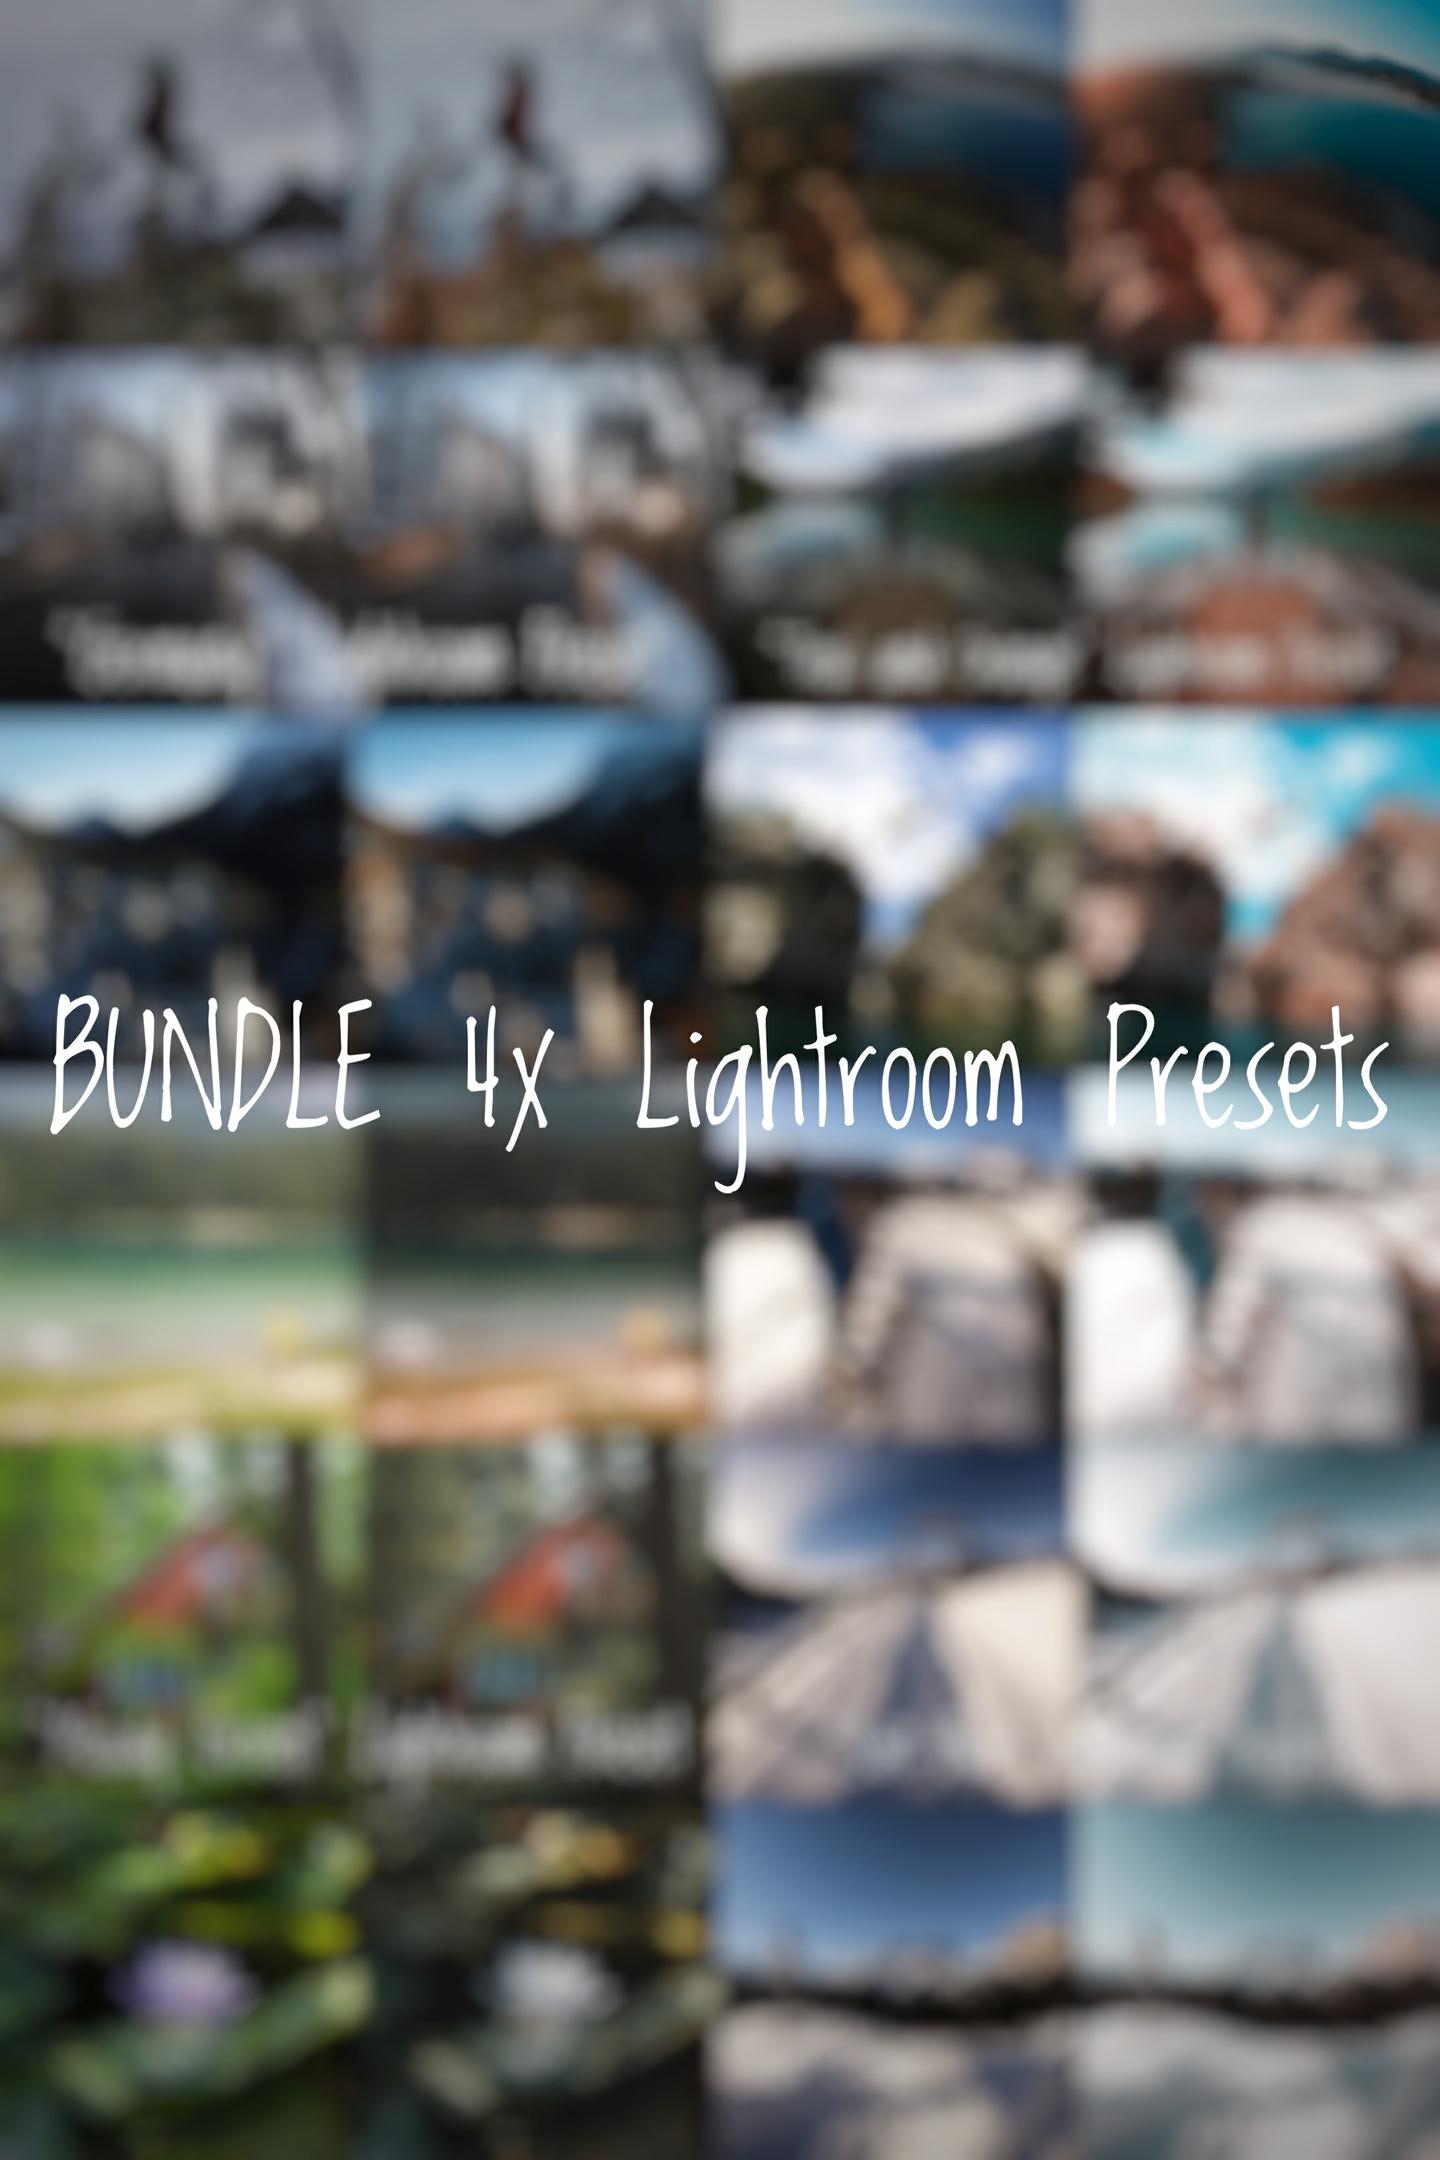 BUNDLE 4x Lightroom Presets by Sheck